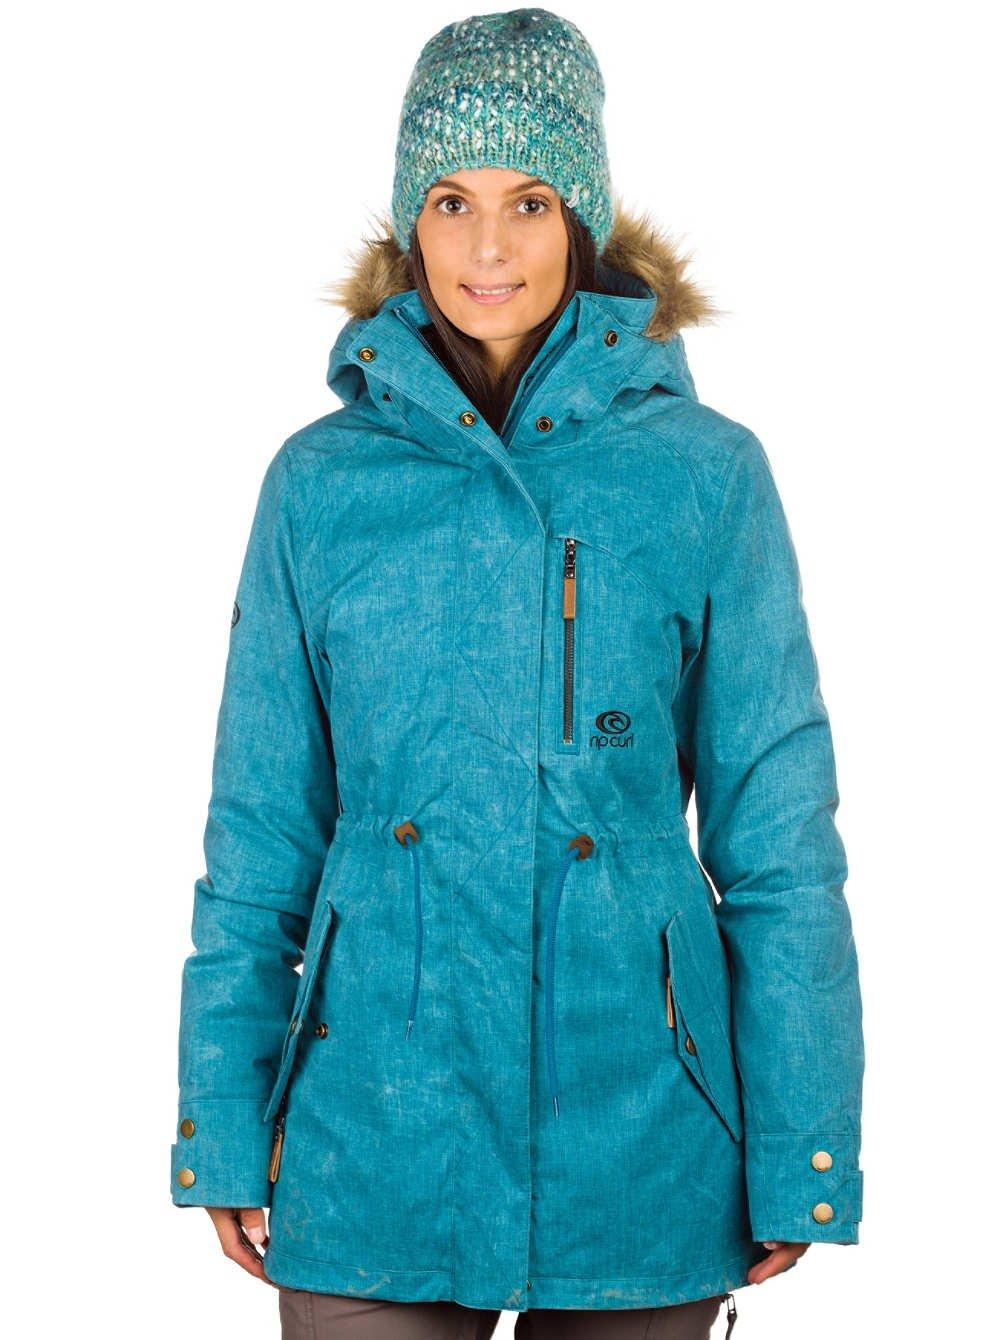 Damen Snowboard Jacke Rip Curl Spectrum Jacket